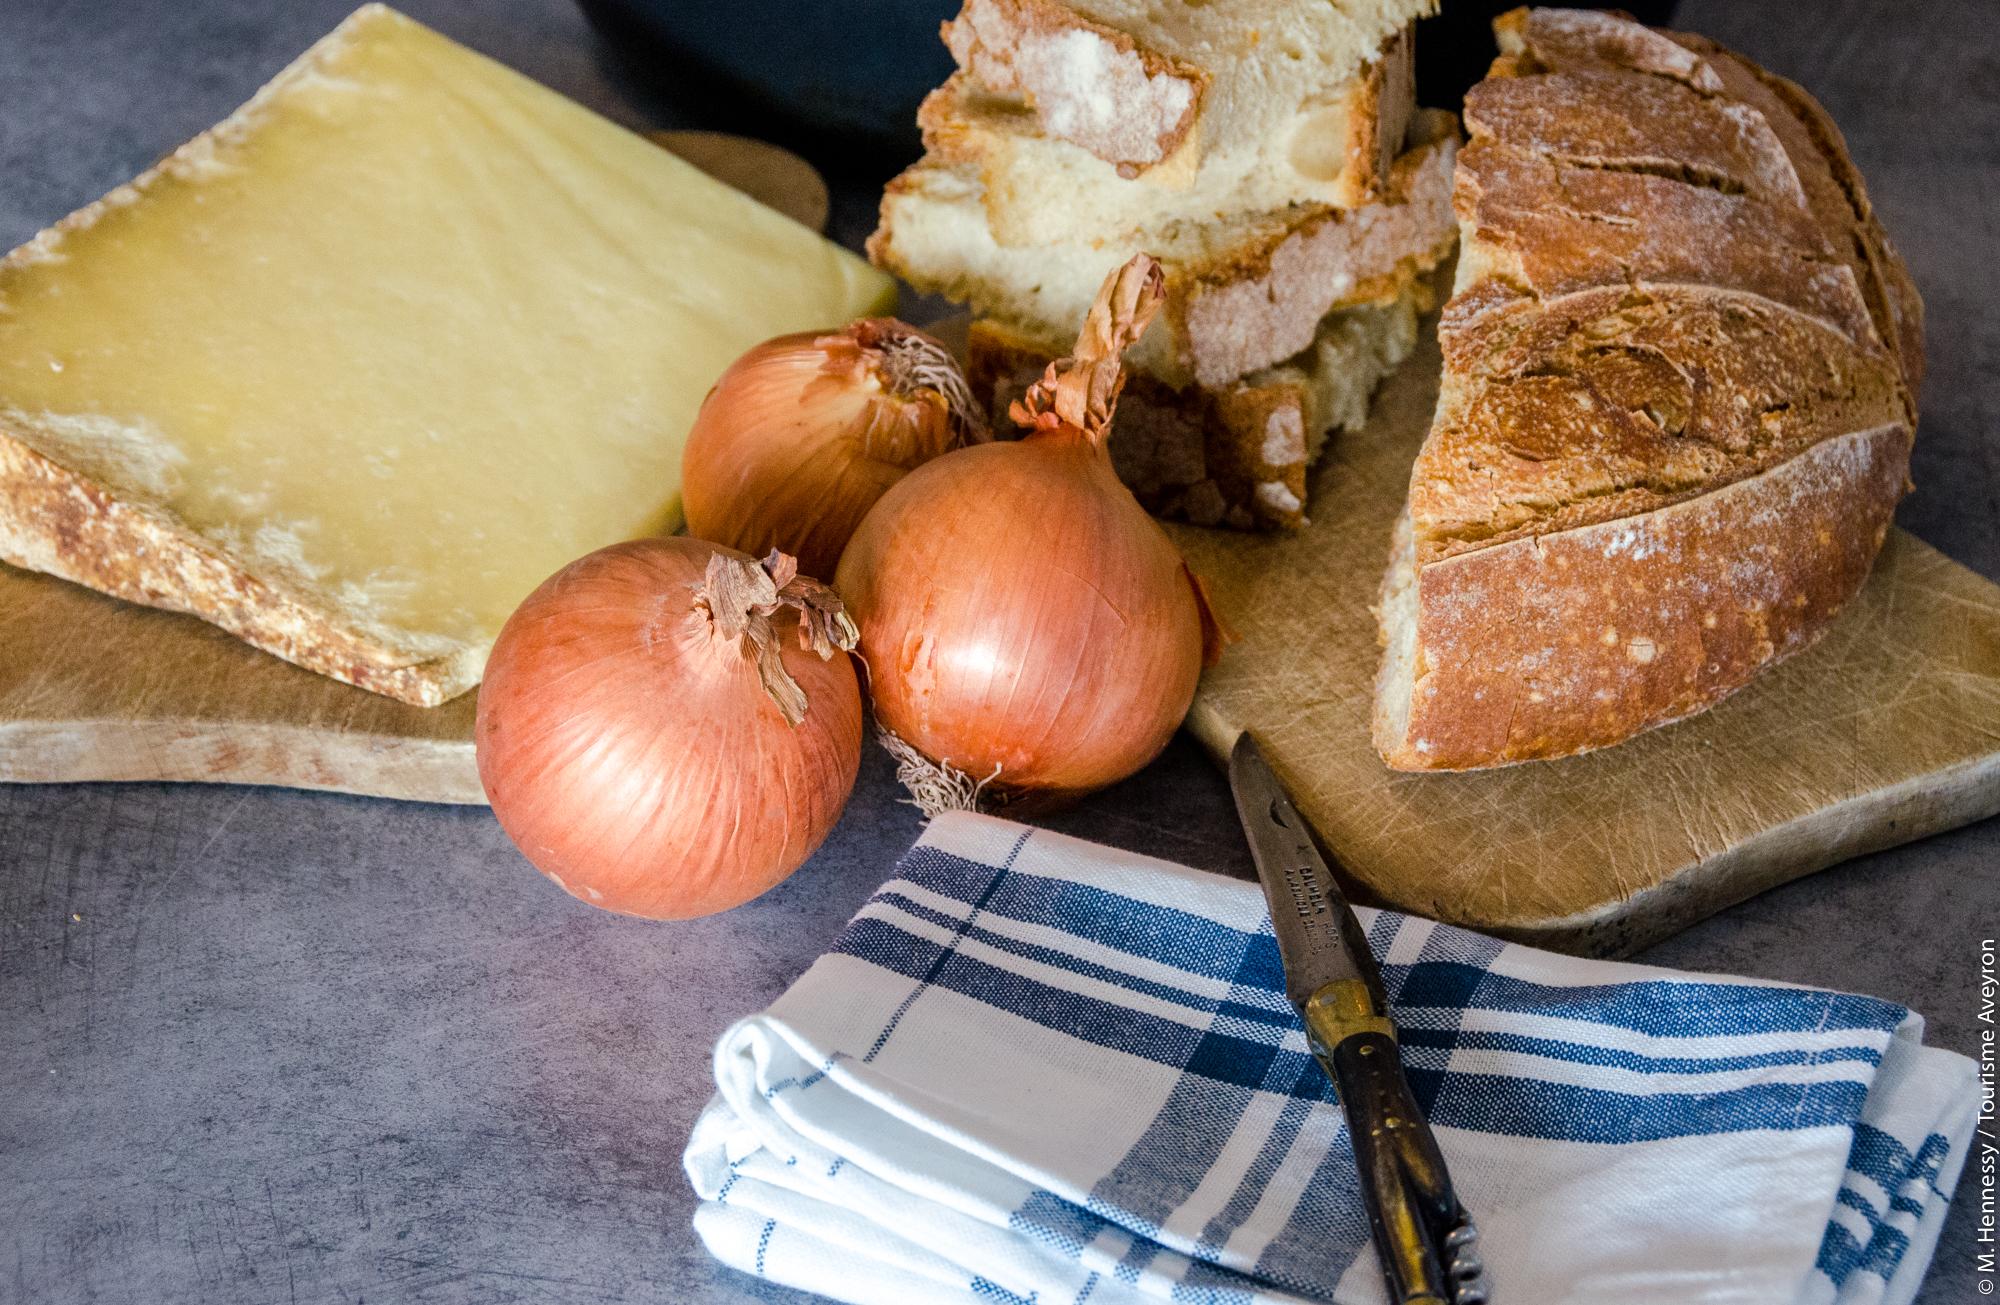 Ingrédients pour la soupe au fromage de l'Aveyron